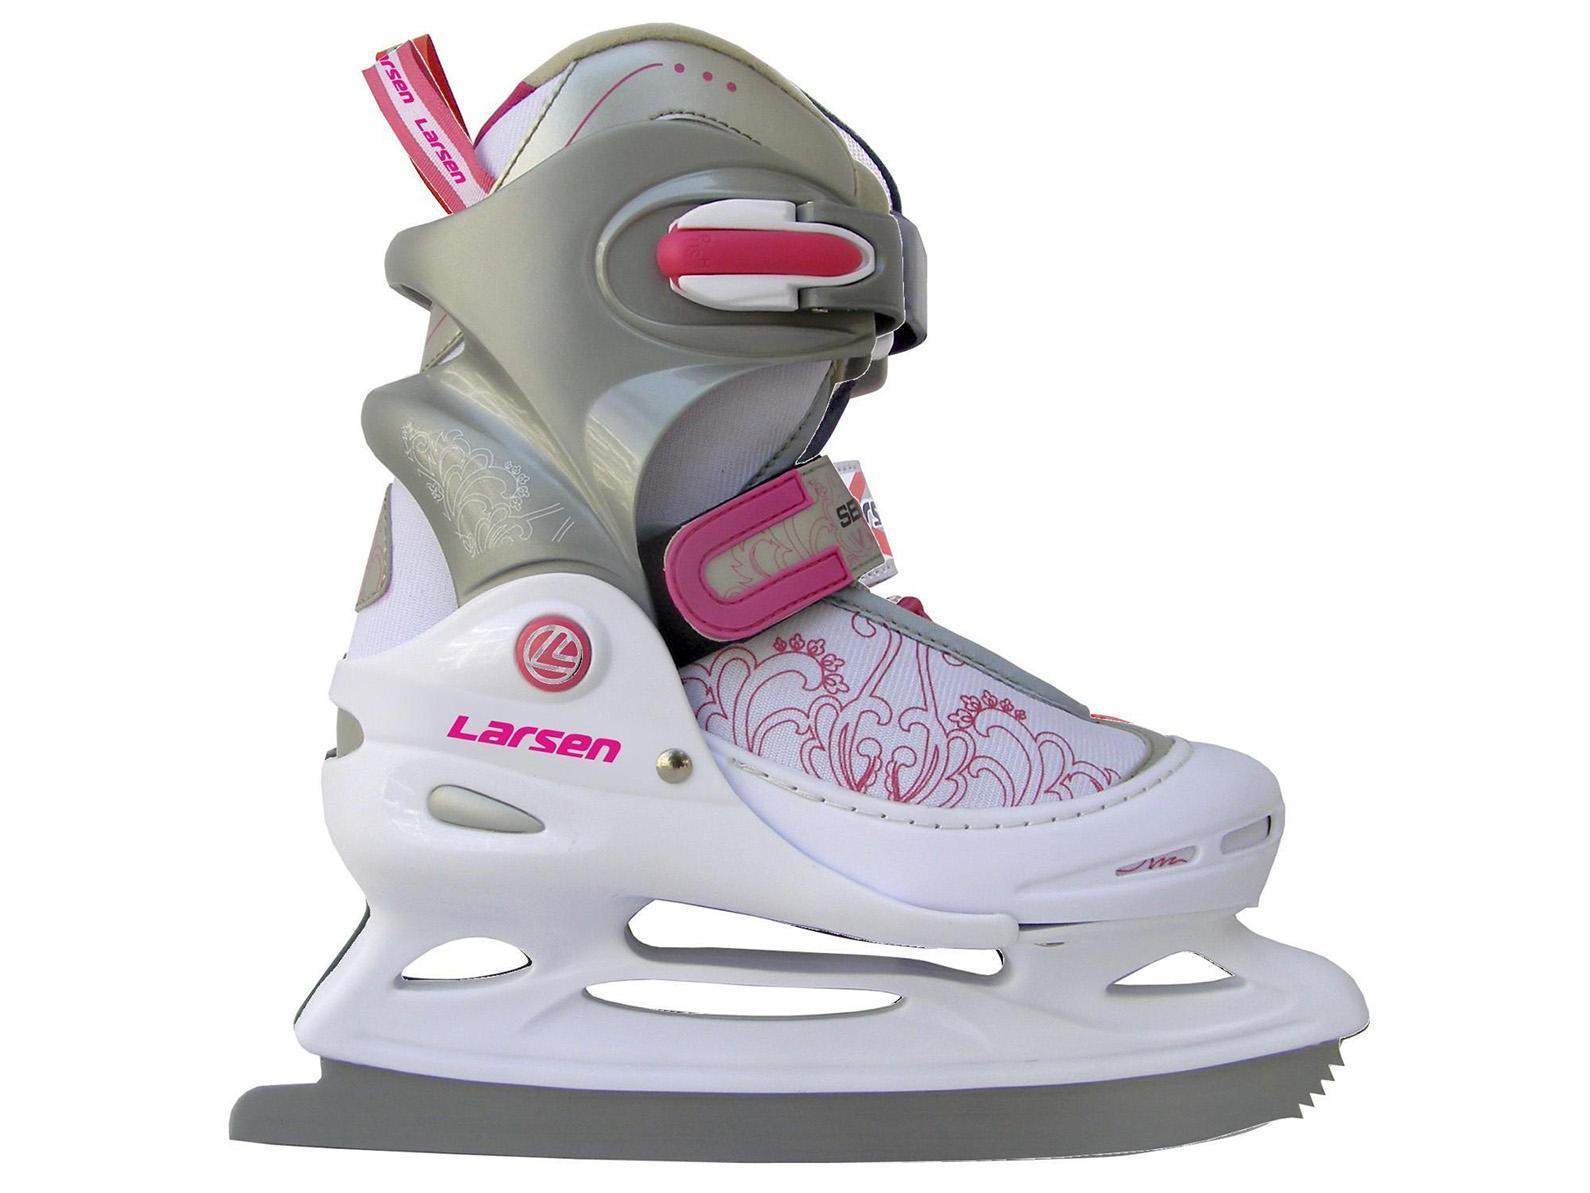 Коньки ледовые детские Larsen, раздвижные, цвет: серый, розовый, белый. Liberty 2014-2015. Размер 34/37Larsen Liberty 2014-2015 White-Grey-PinkПрогулочные коньки для свободного катания на льду. В коньках используются морозоустойчивые материалы повышенной прочности.